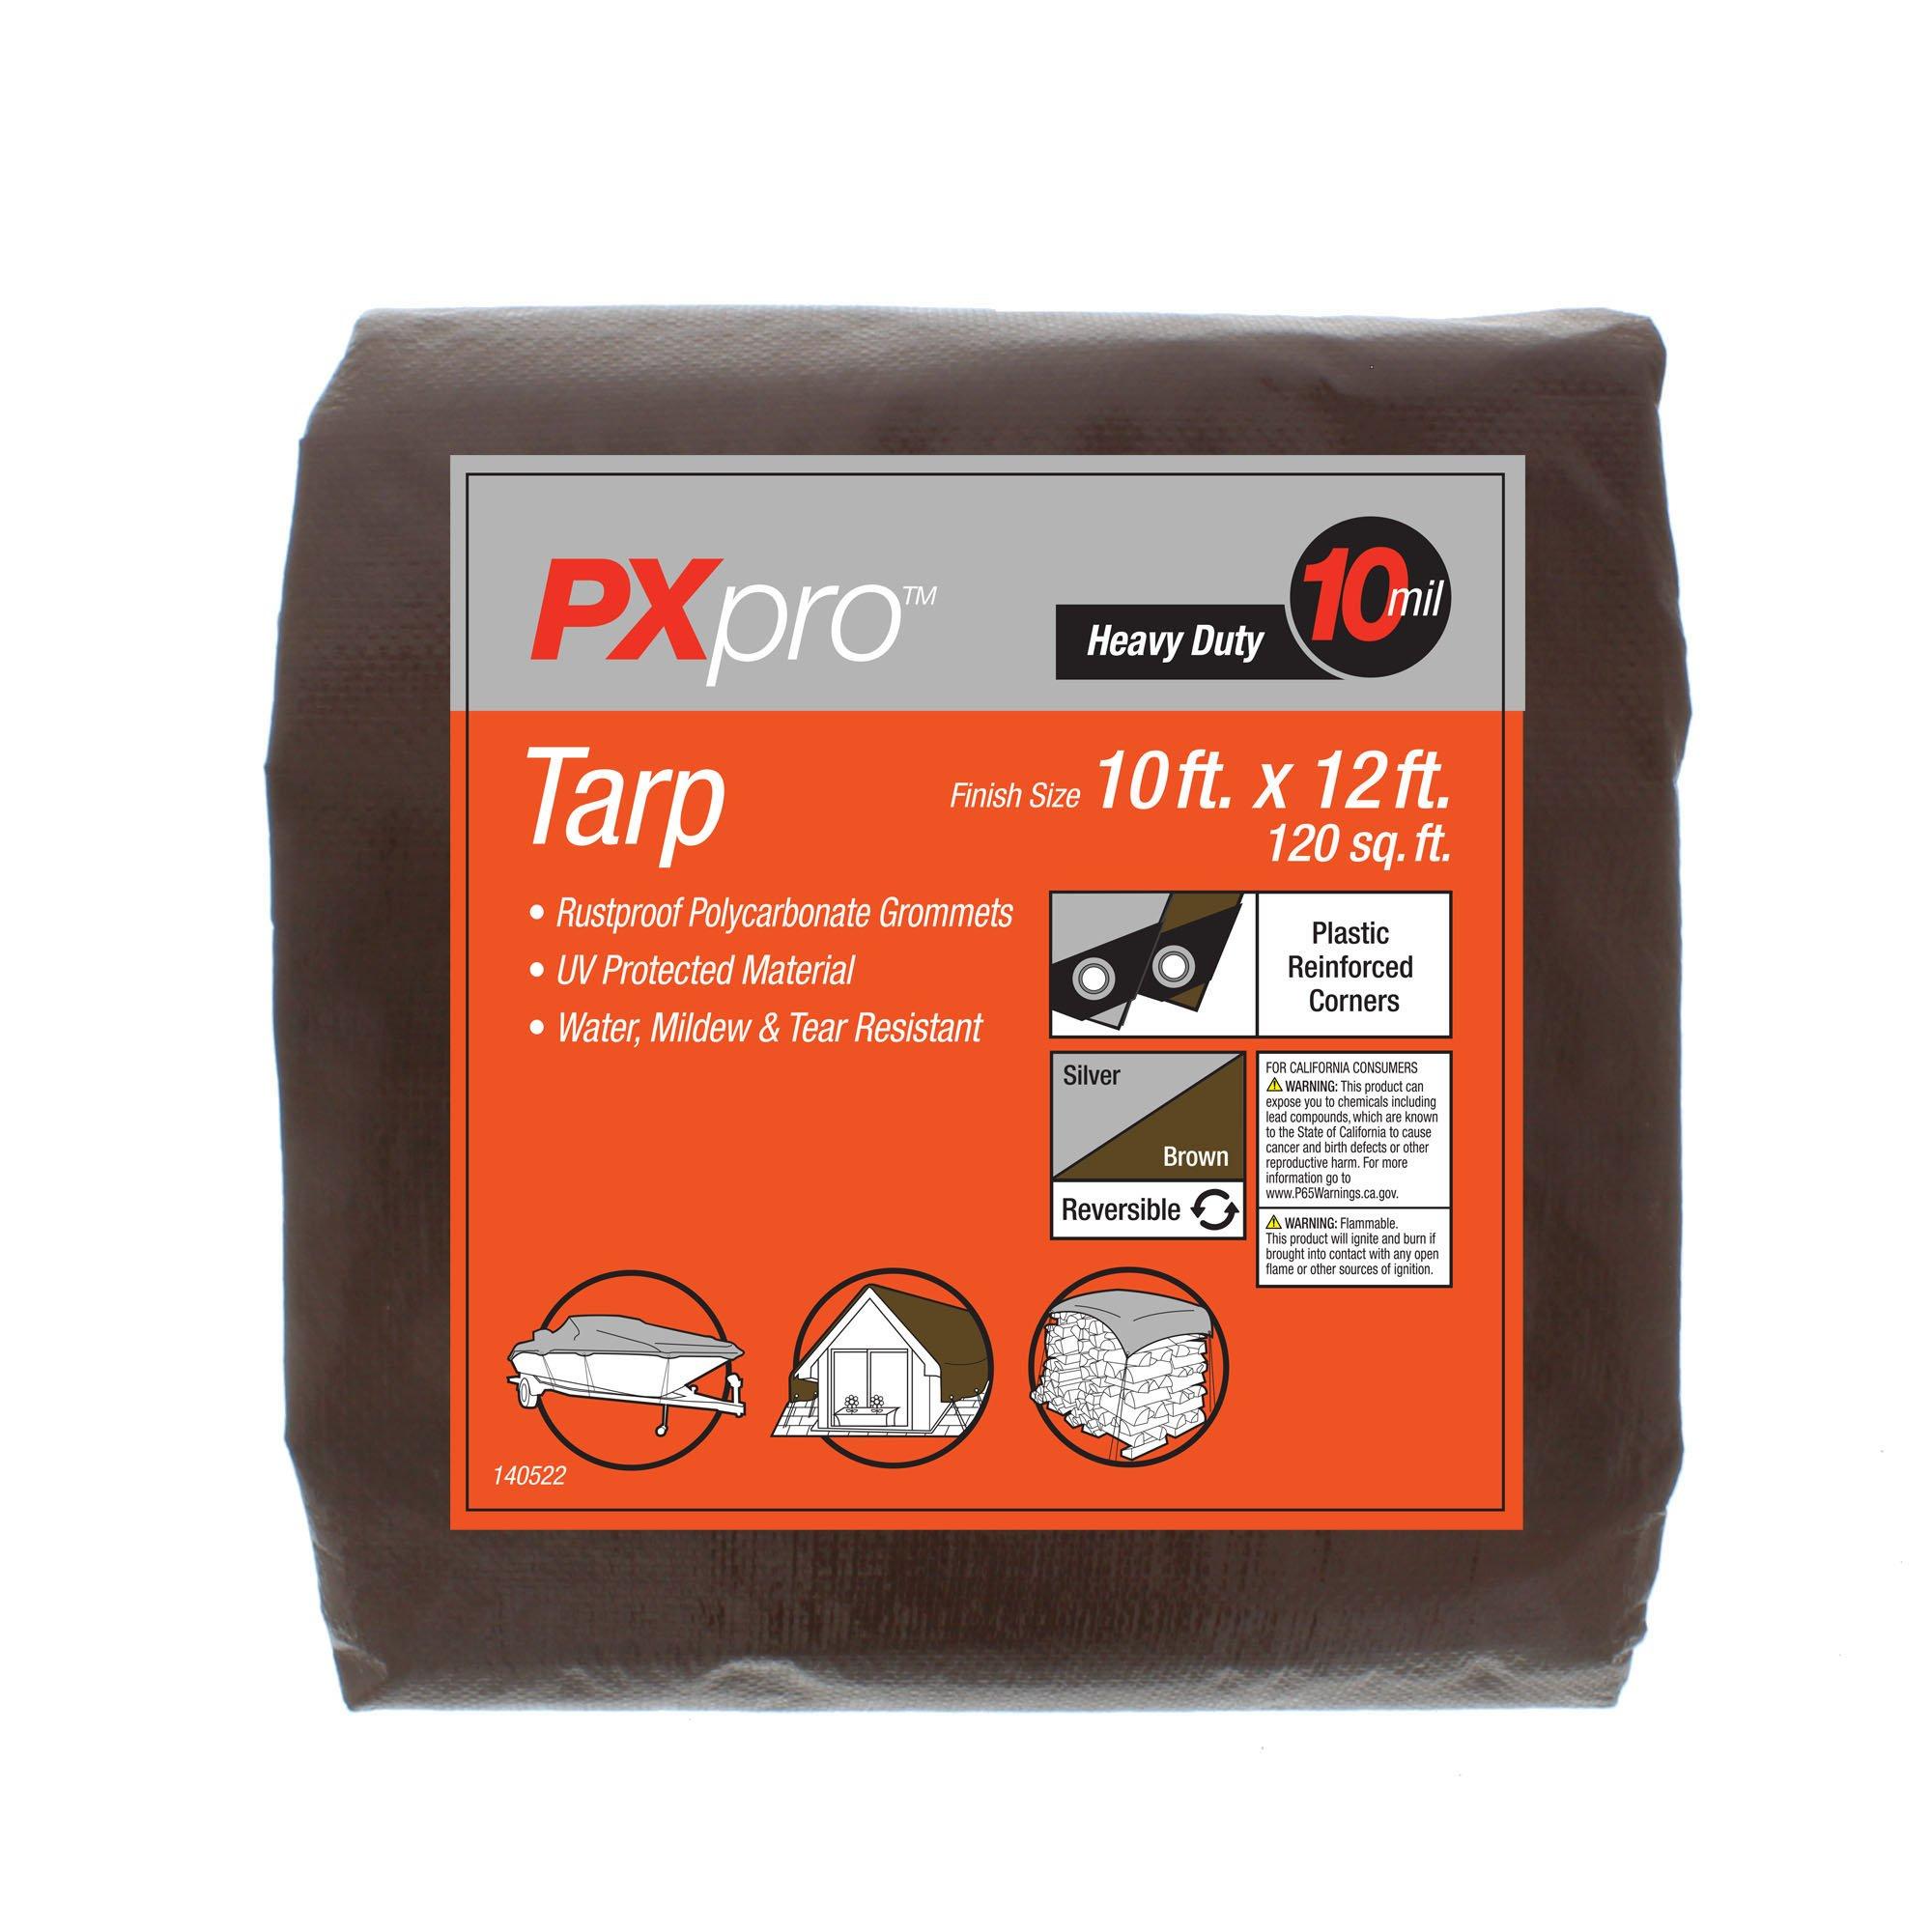 PXpro Heavy Duty Tarp 10'X12' by PXpro